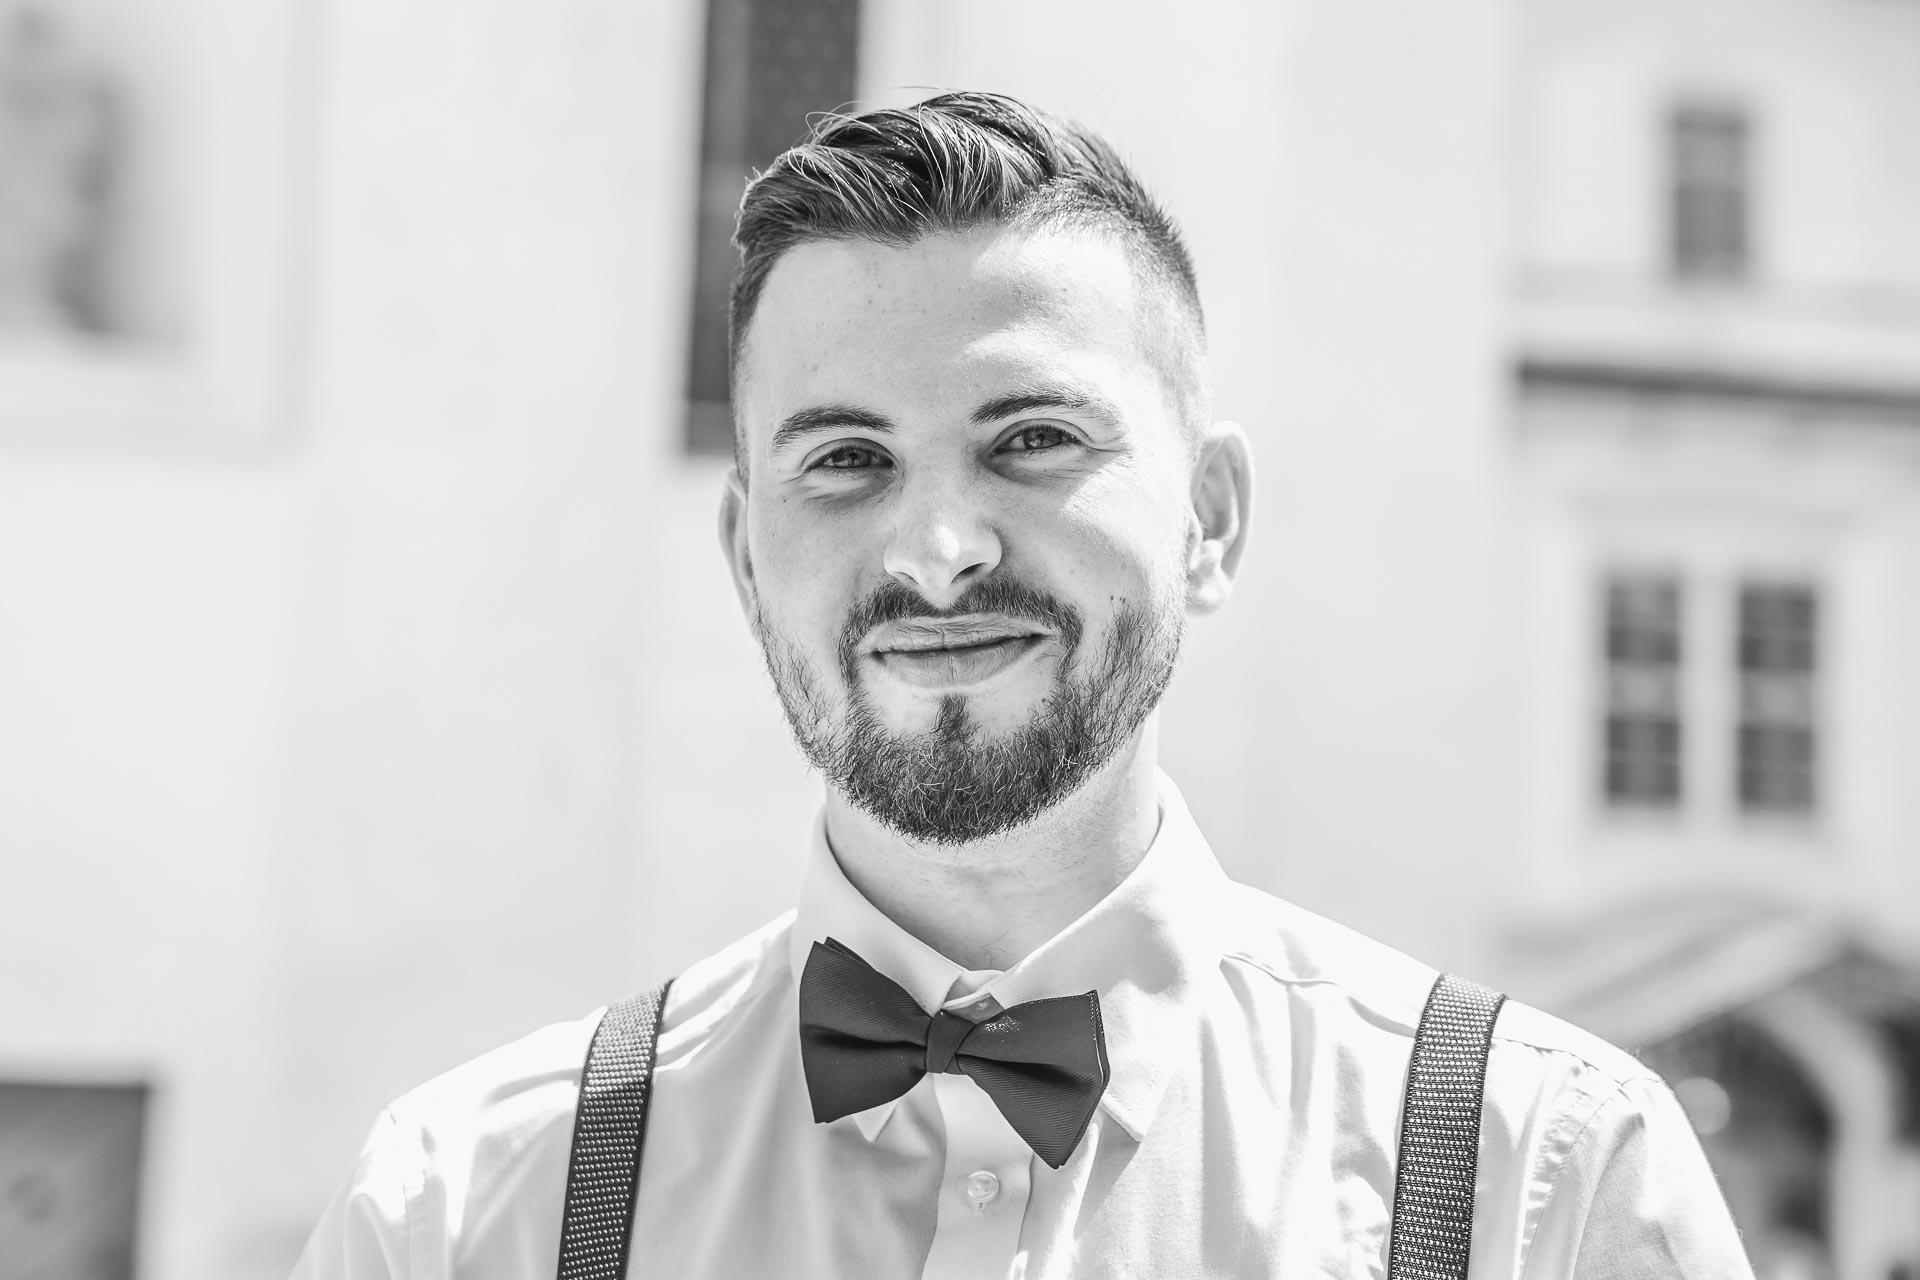 svatební-fotograf-zámek-Loučeň-svatební-video-zámek-Loučeň-3538